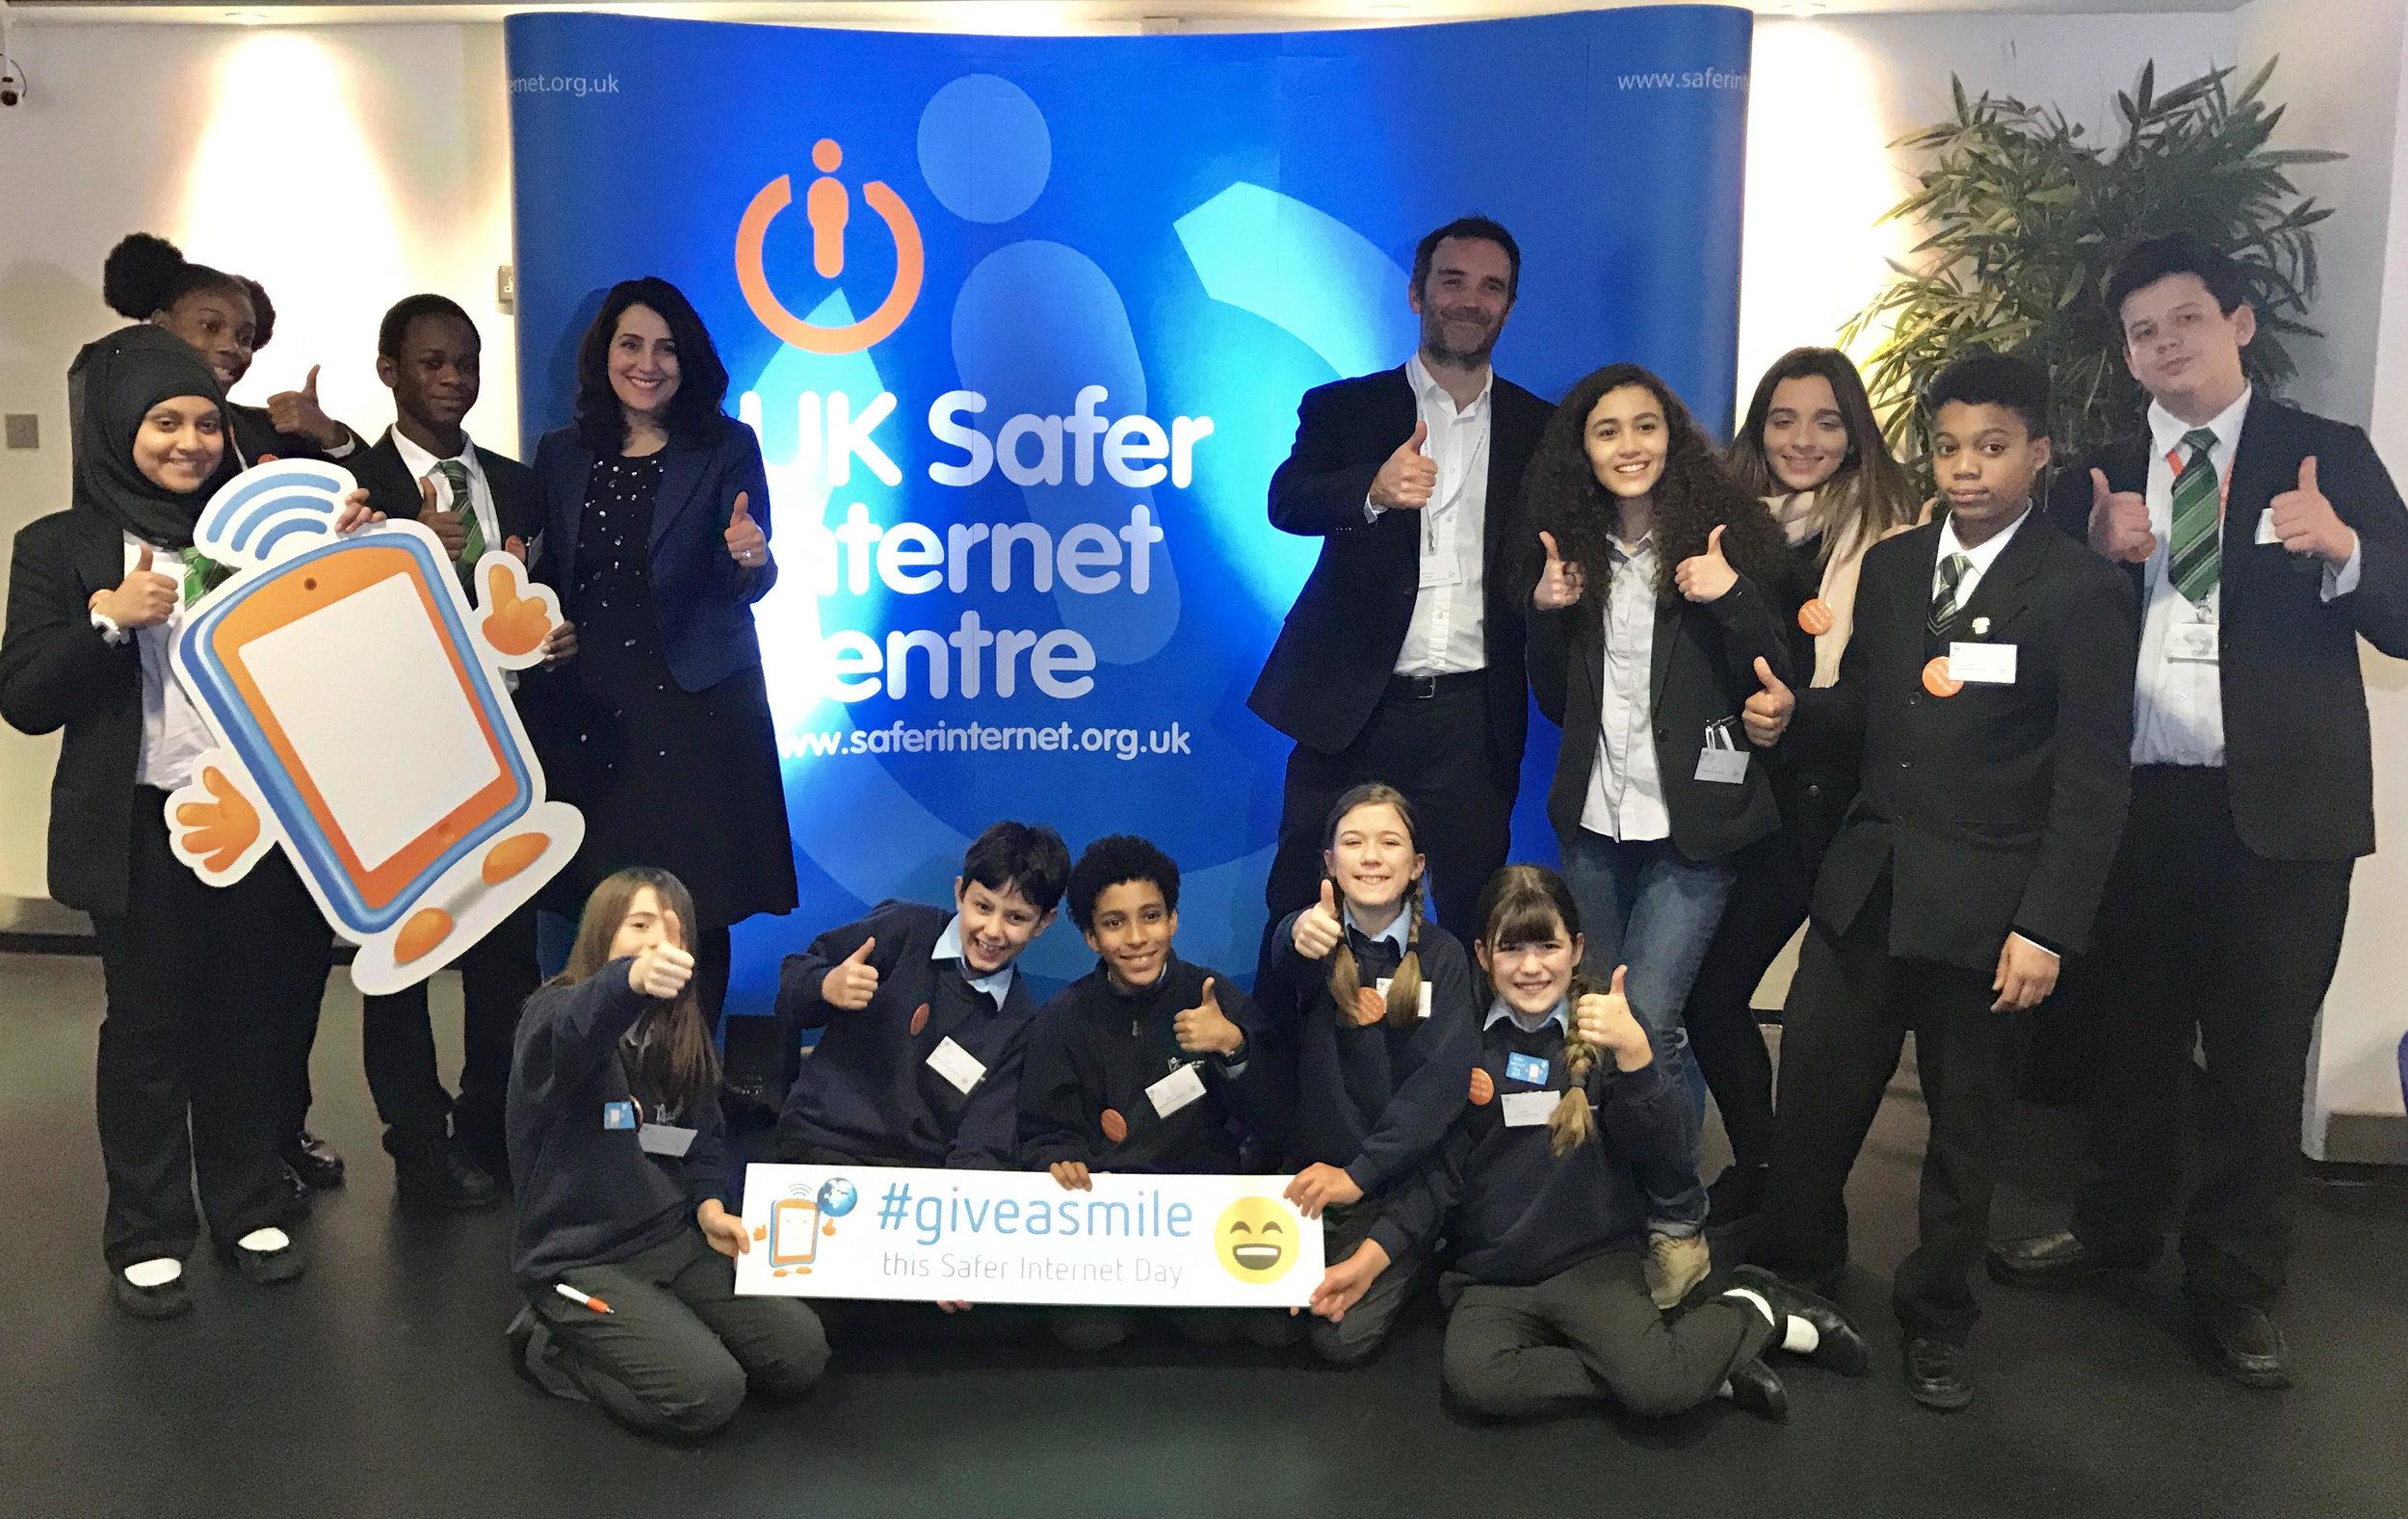 uk_safer_internet.jpg